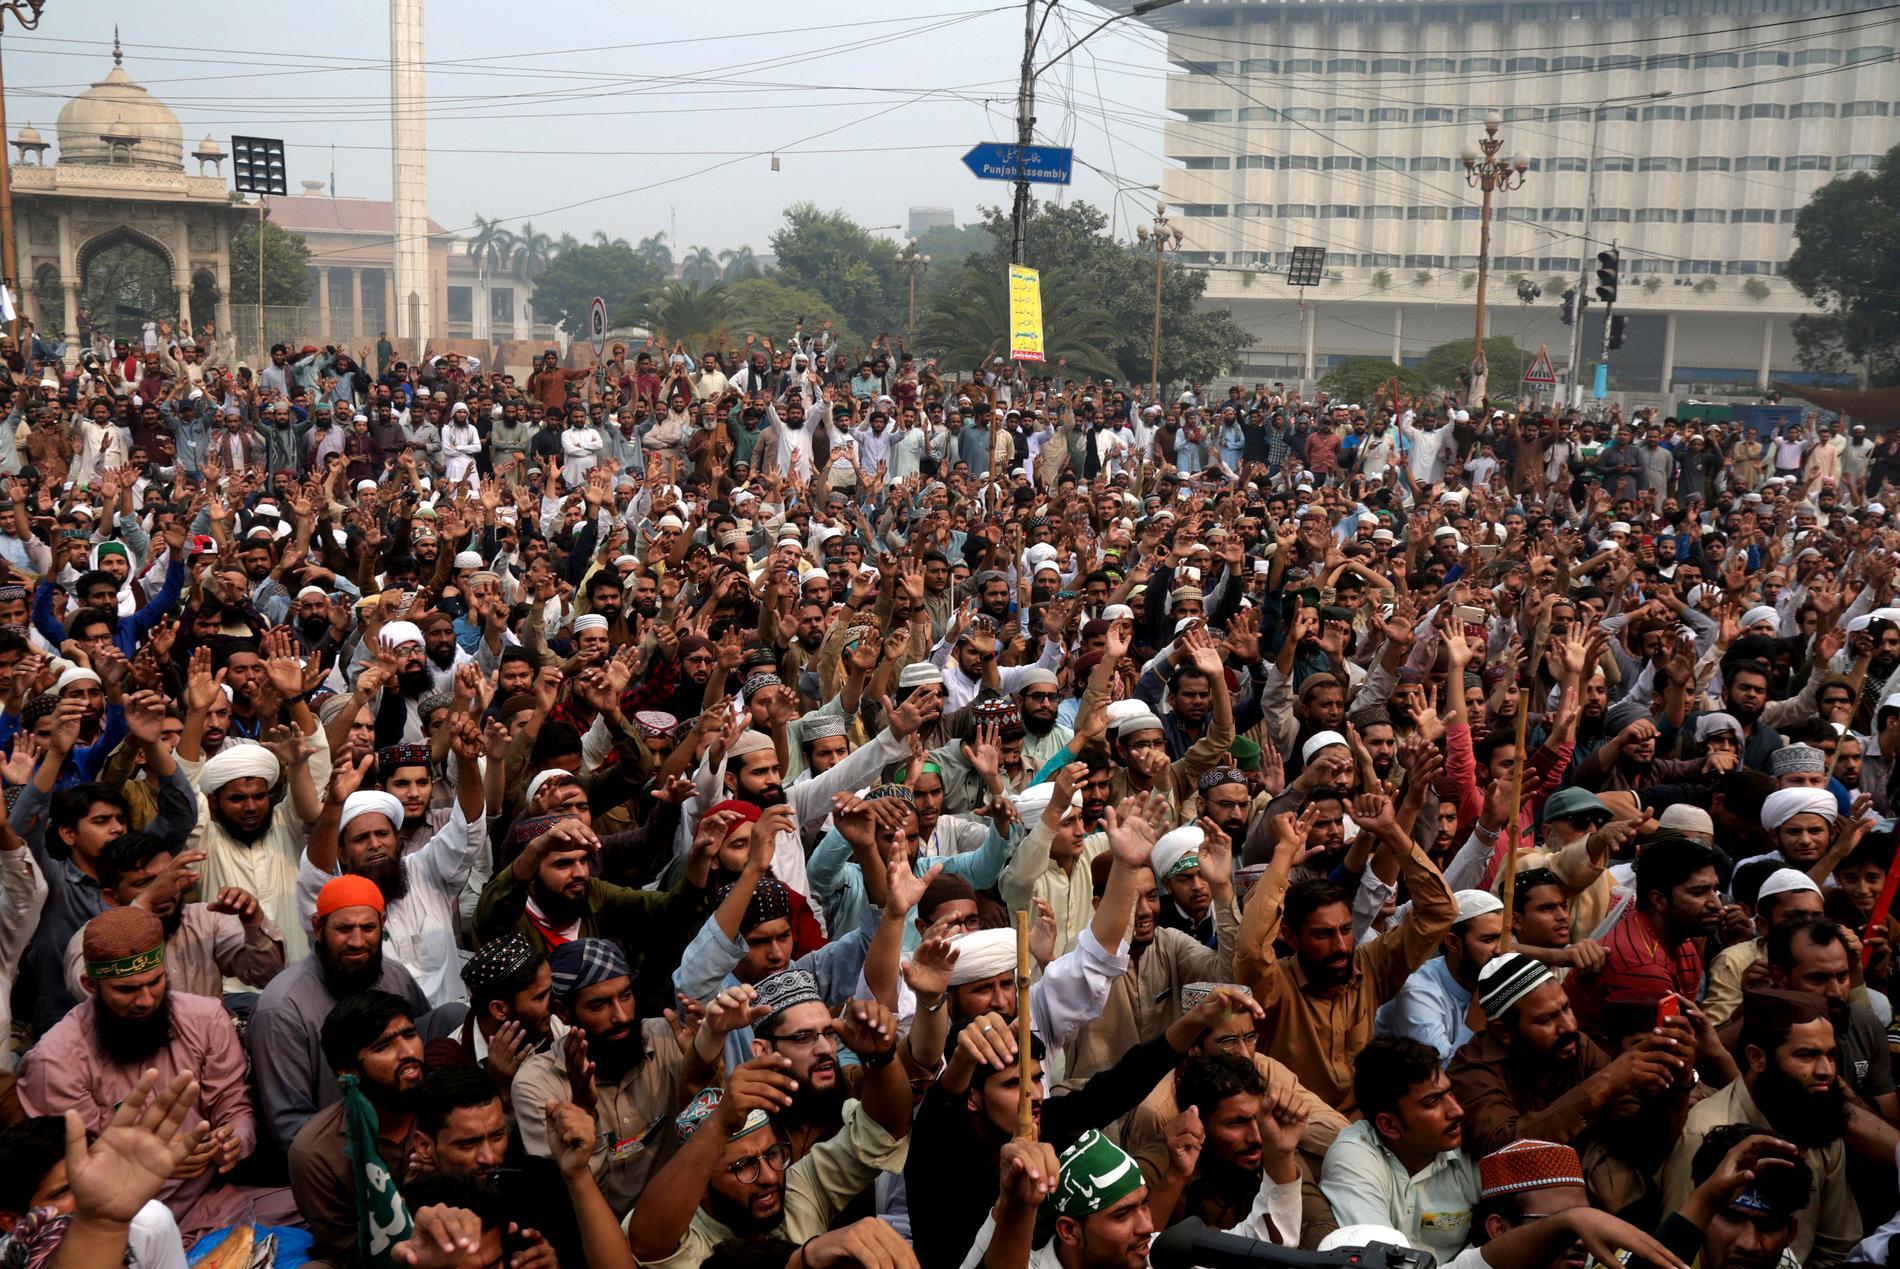 Radikala islamister i protest mot friandet av Asia Bibi, på ett torg i Lahore den 1 november 2018. Arkivbild.